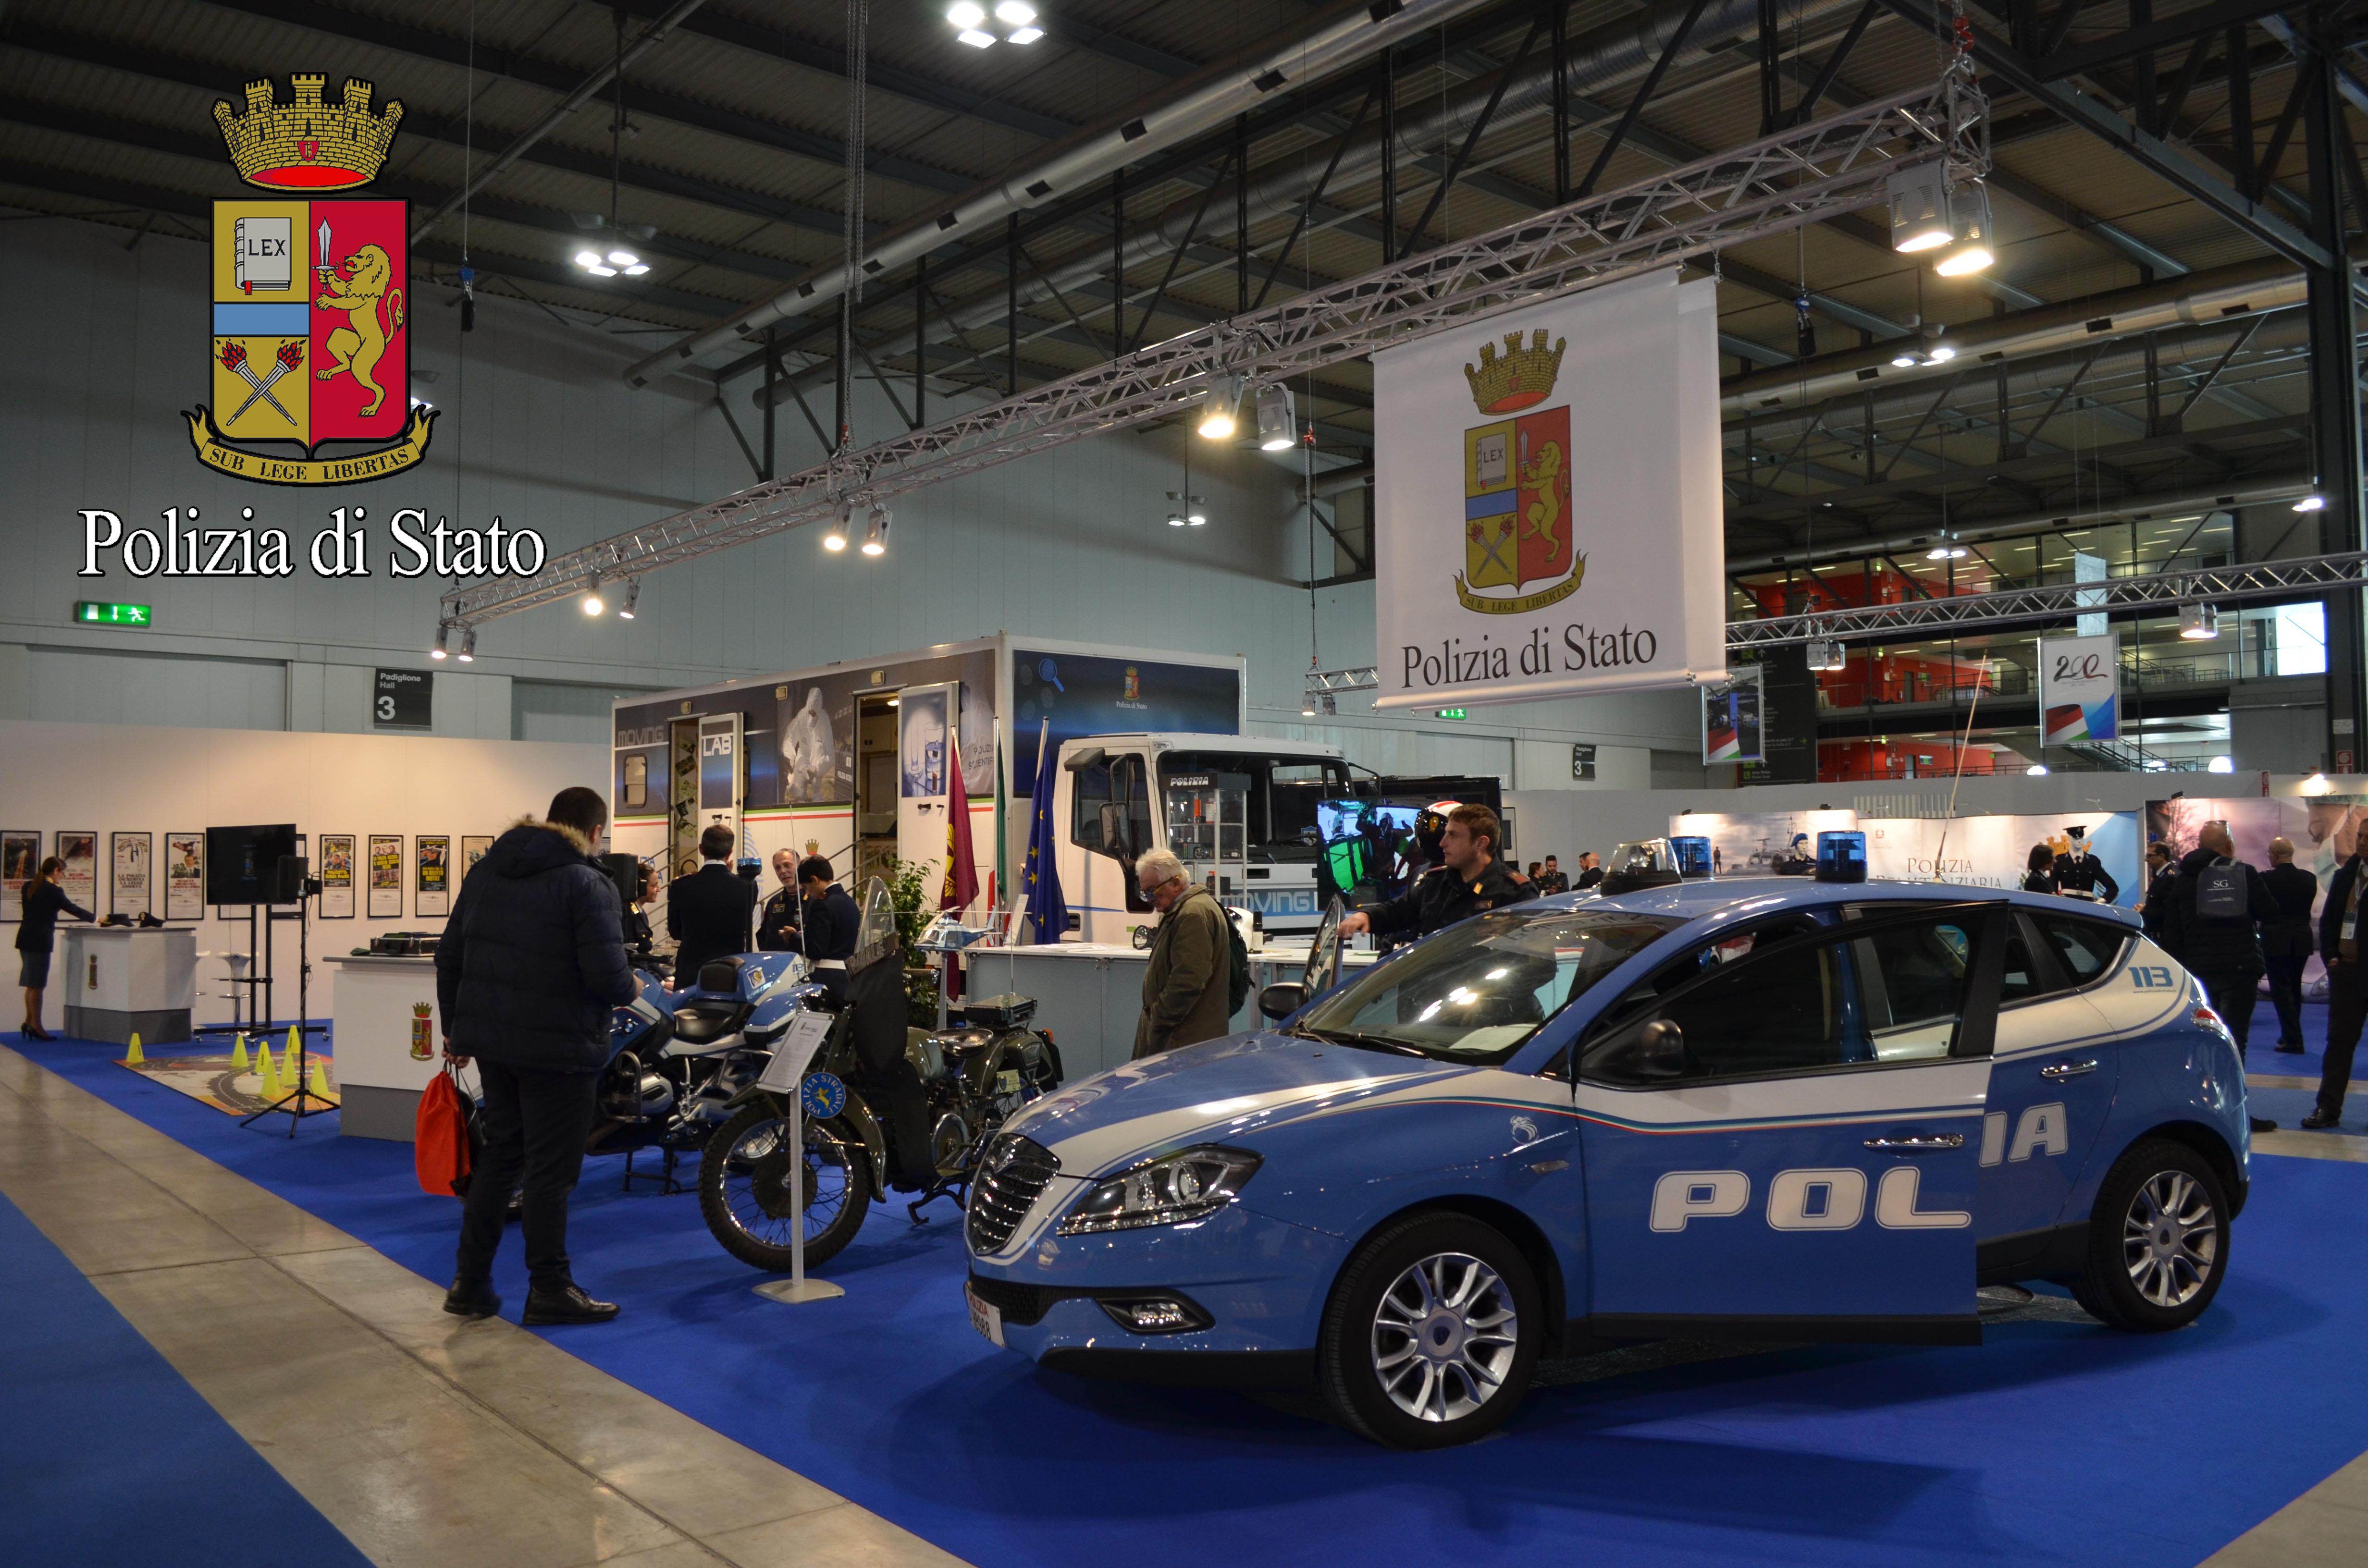 Polizia di stato questure sul web milano for Questura alessandria permesso di soggiorno